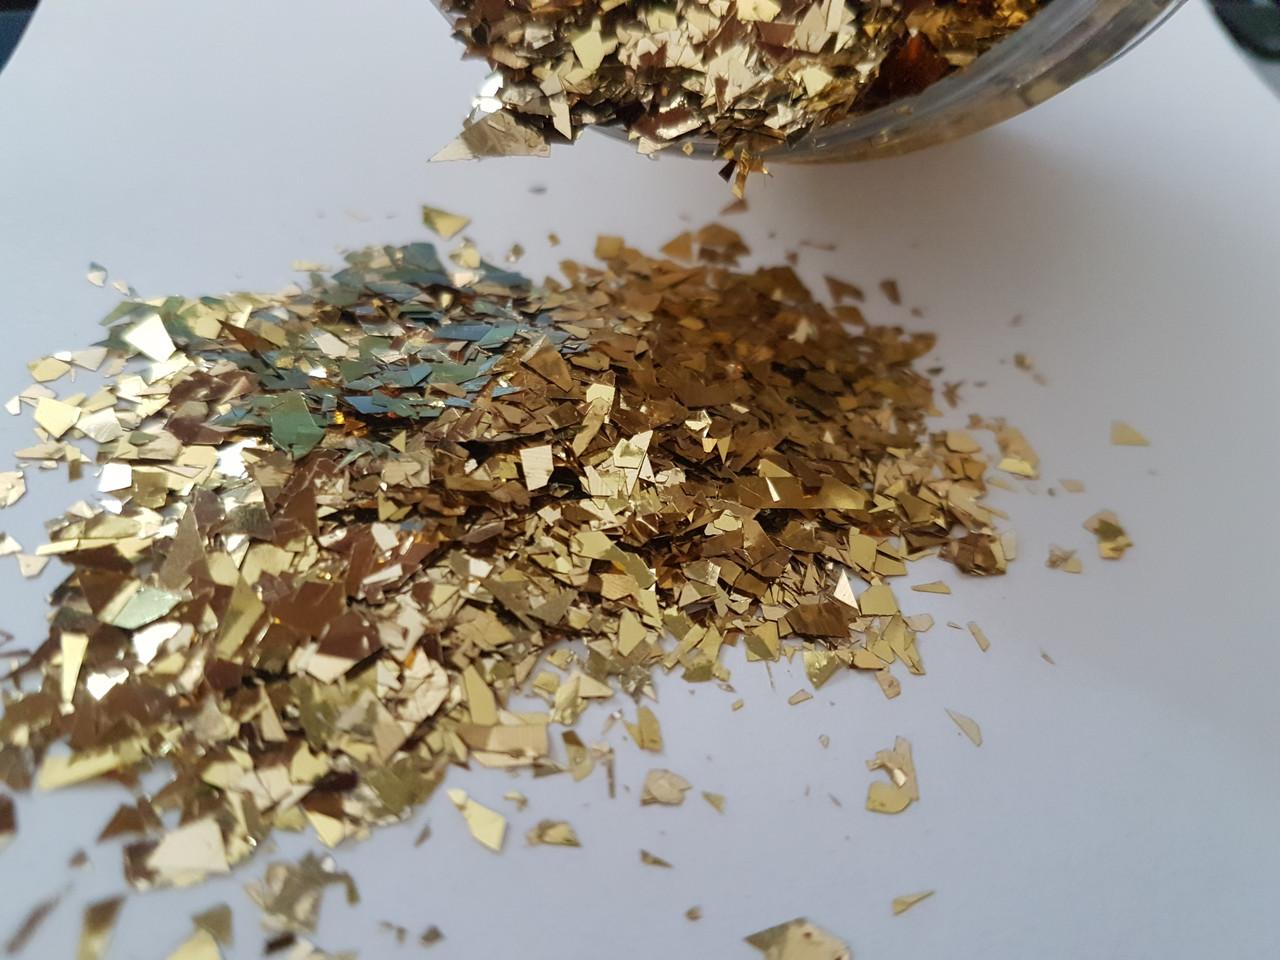 НОВИНКА:Декор эффект рваной фольги Glint Глинт, золото 1 г